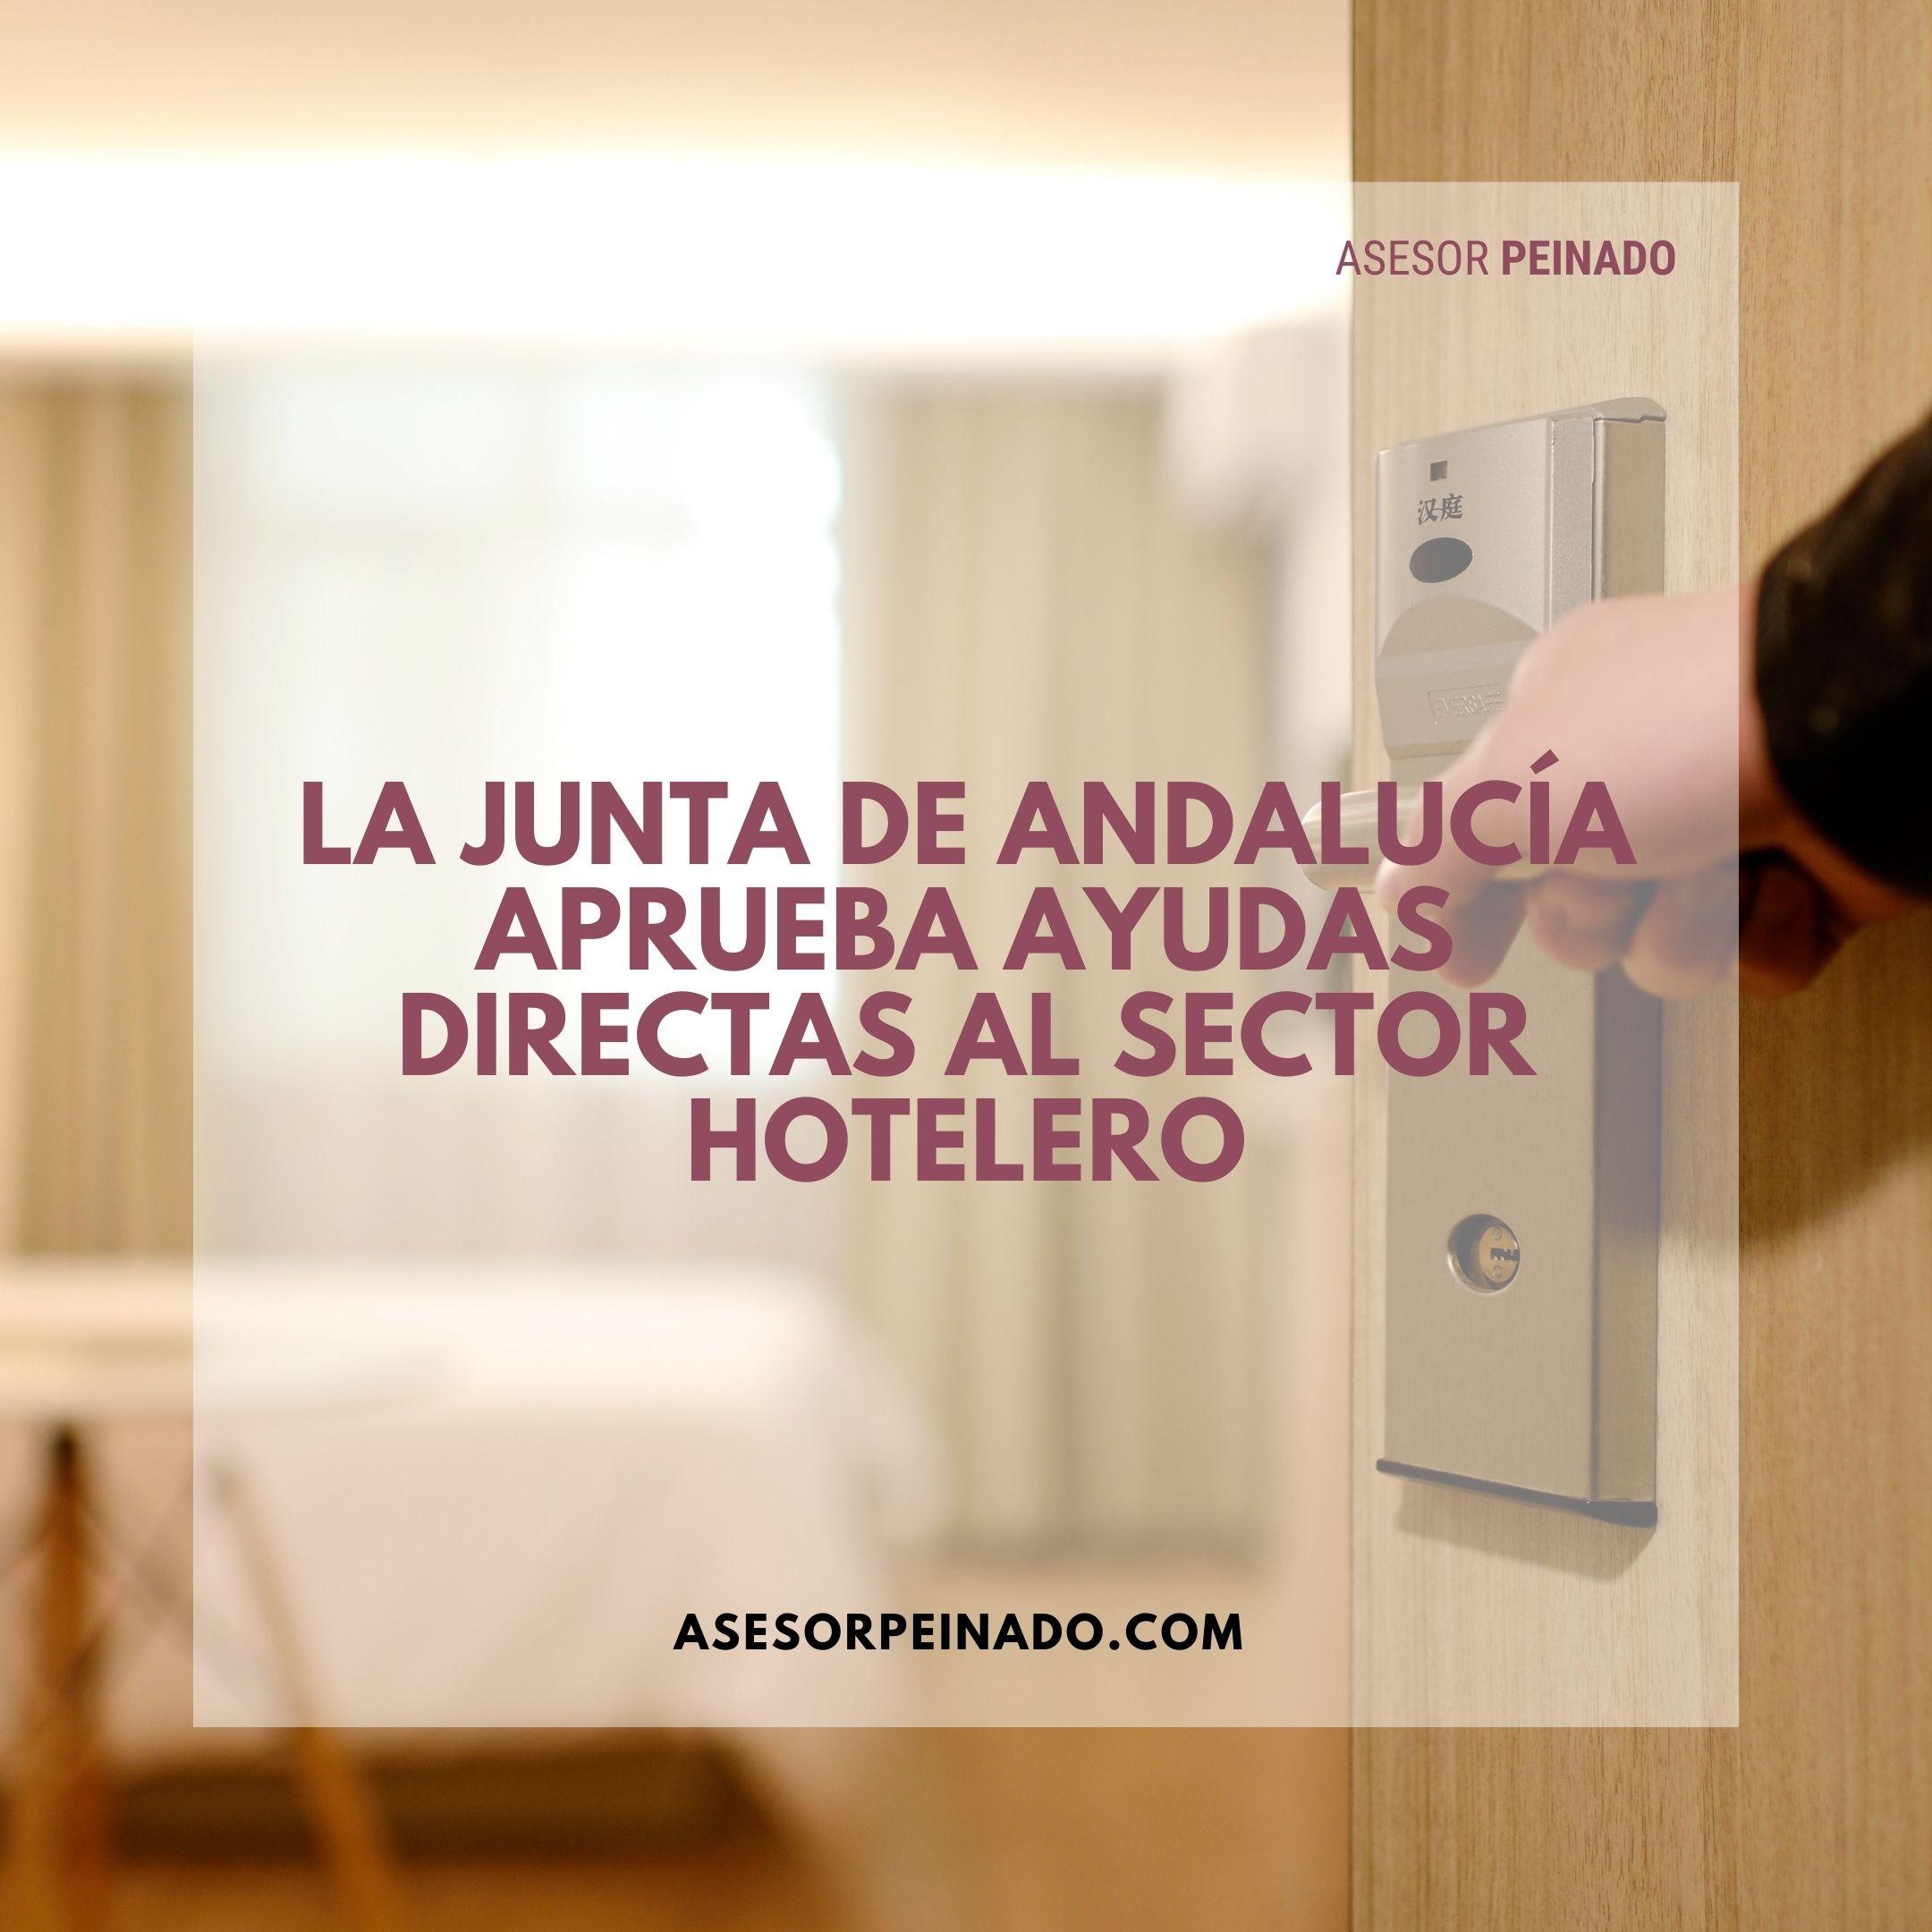 La Junta de Andalucía aprueba ayudas directas al sector hotelero